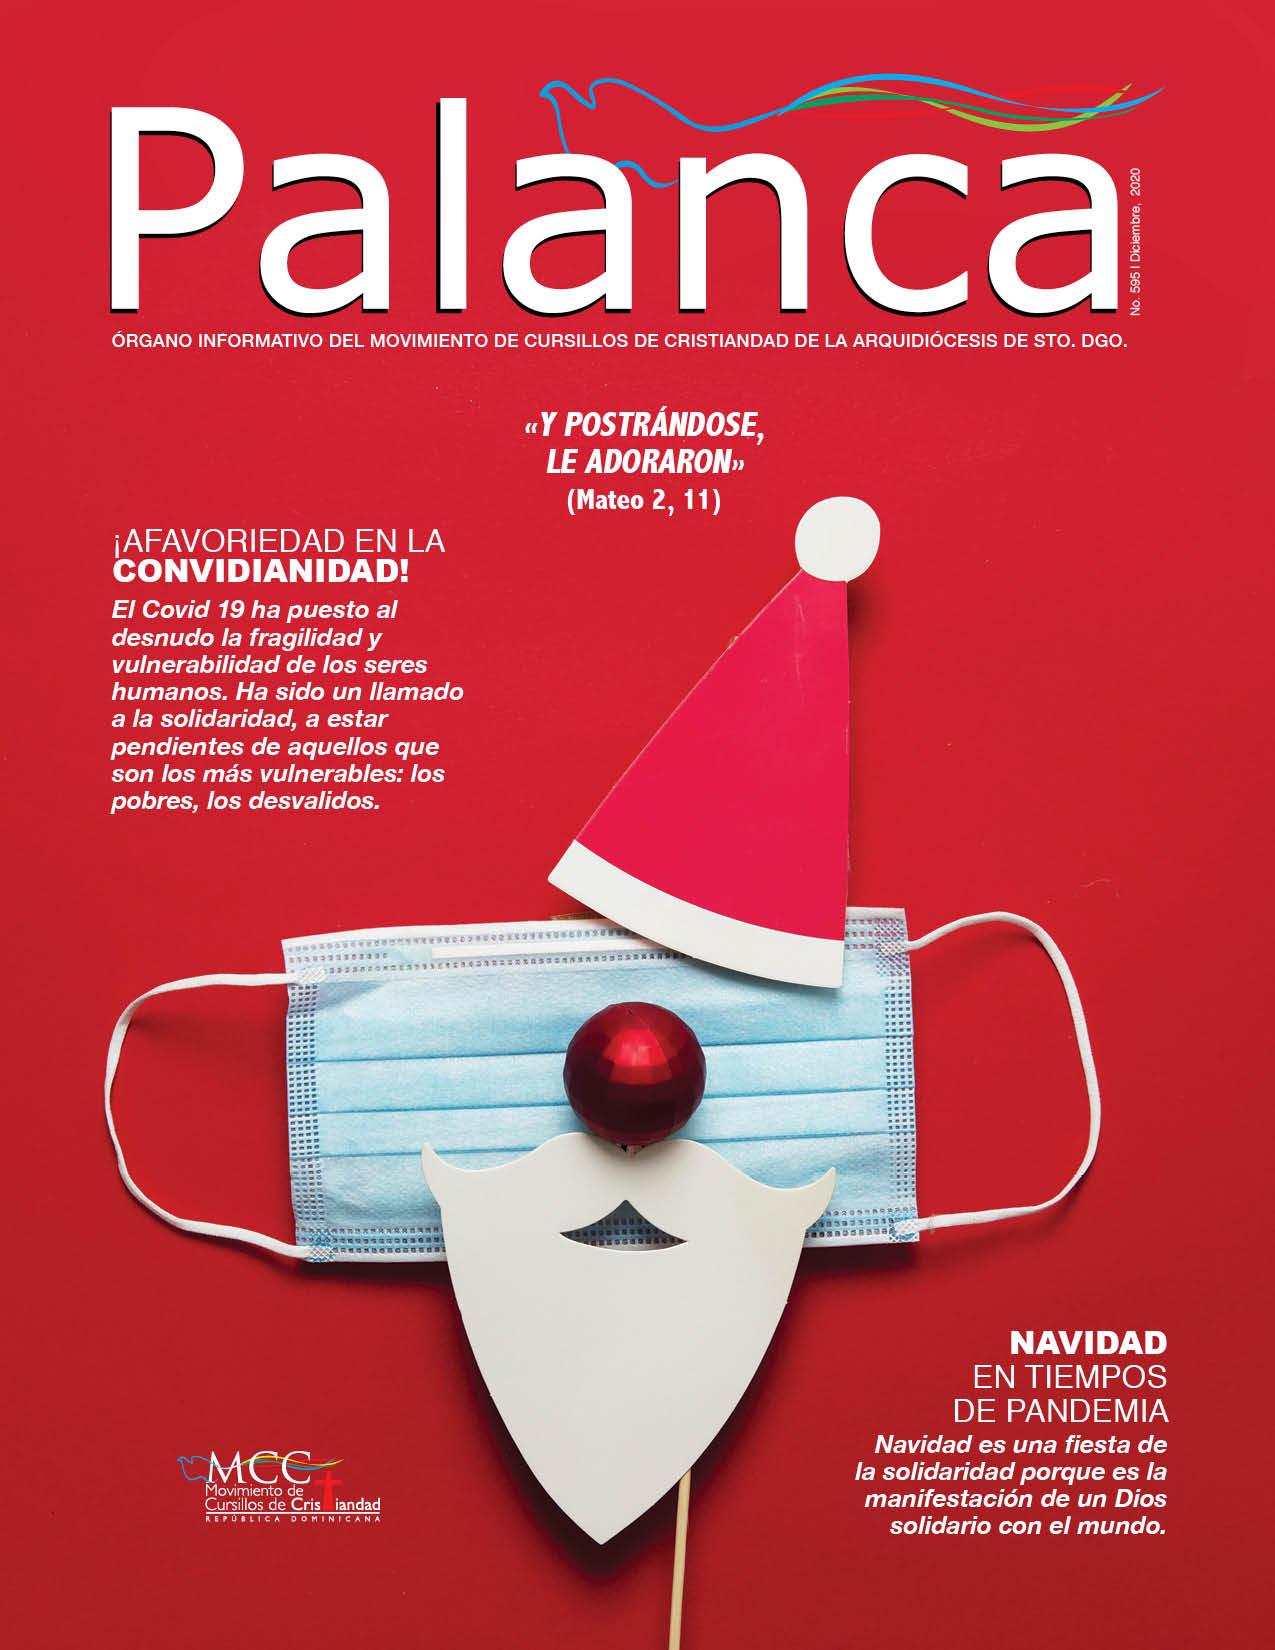 Revista-Palanca_DICIEMBRE_2020.jpg